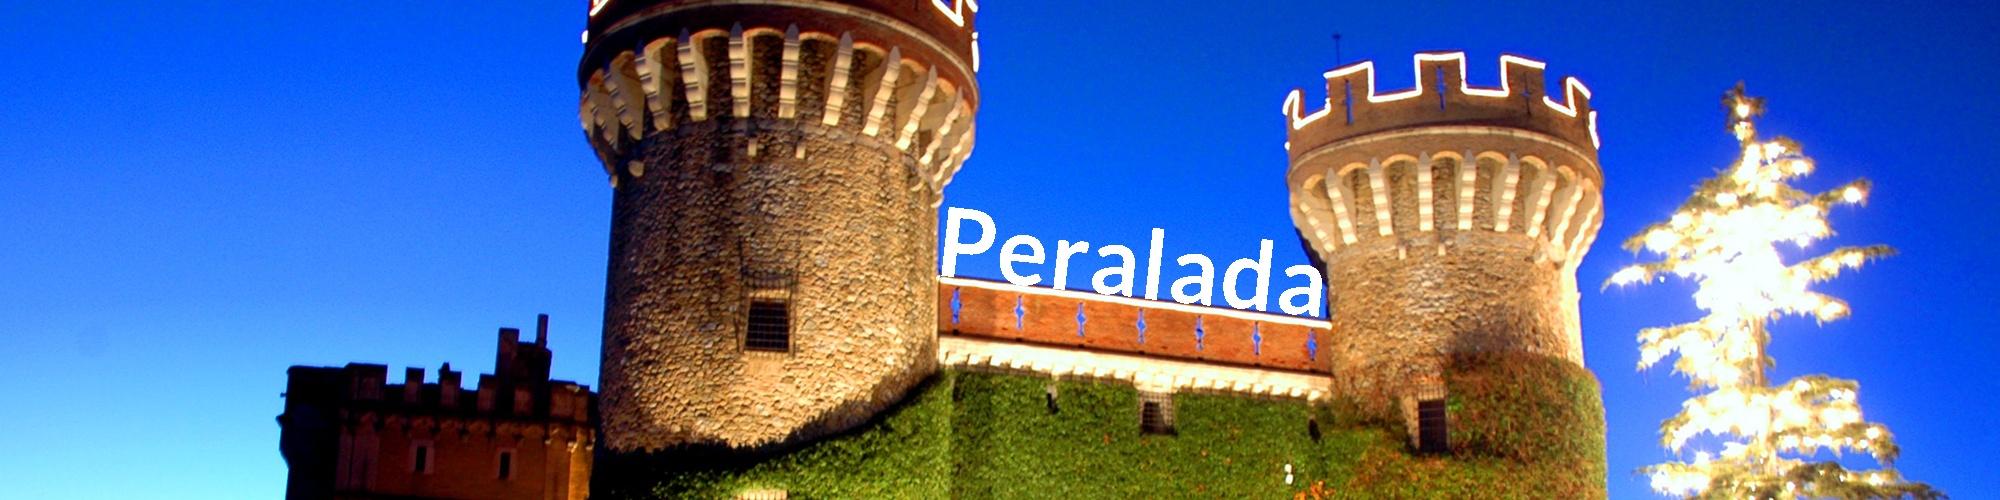 Casas en venta en Peralada, Costa Brava - Girona